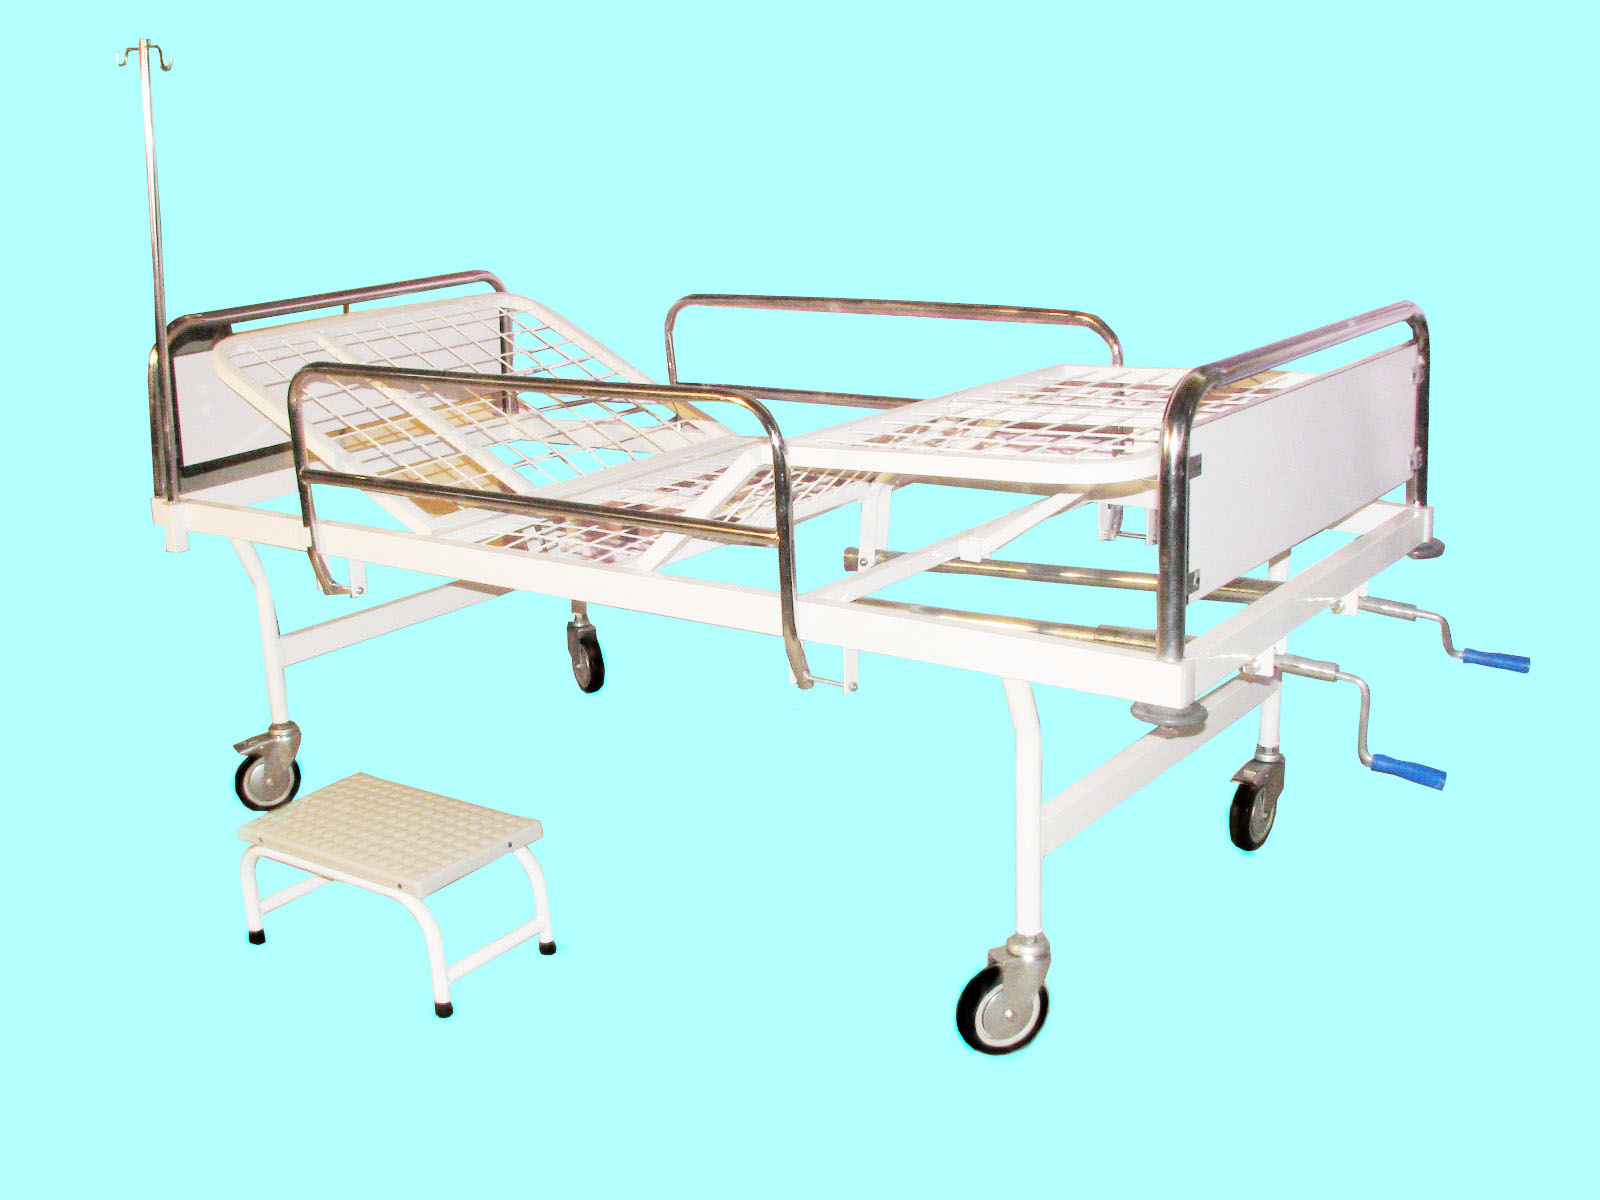 استفاده از تخت مکانیکی بیمارستانی در منزل